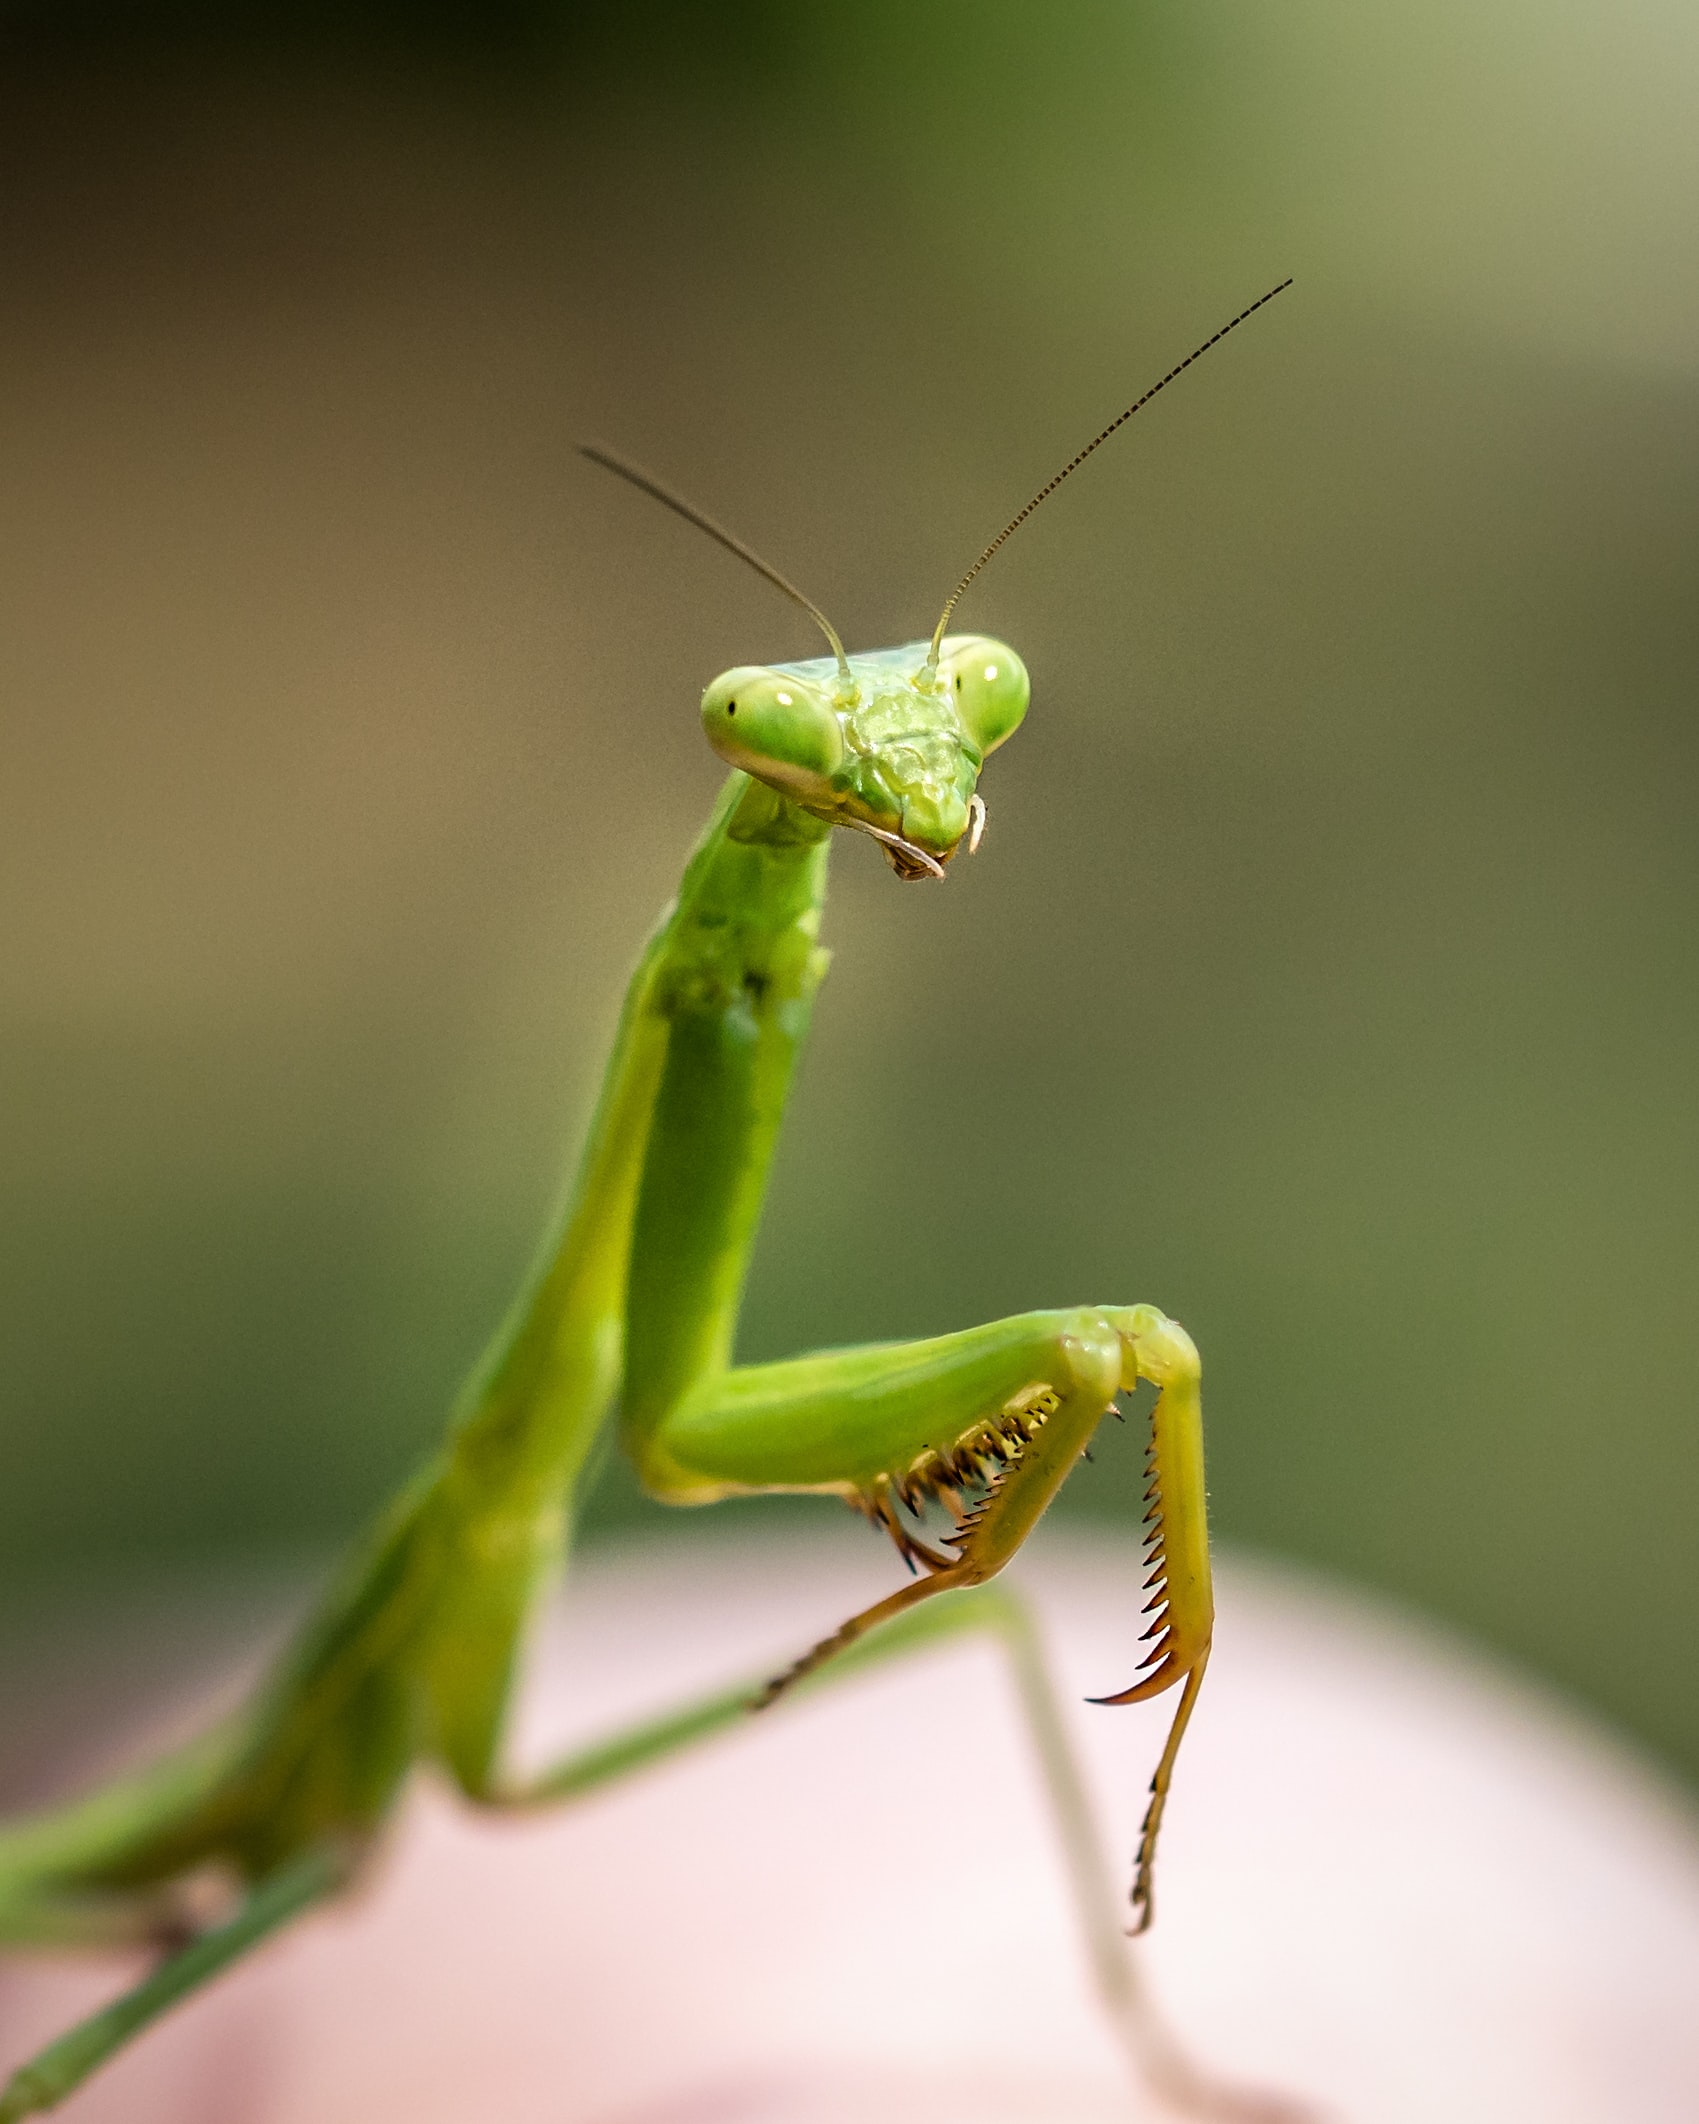 close up photo of green praying mantis